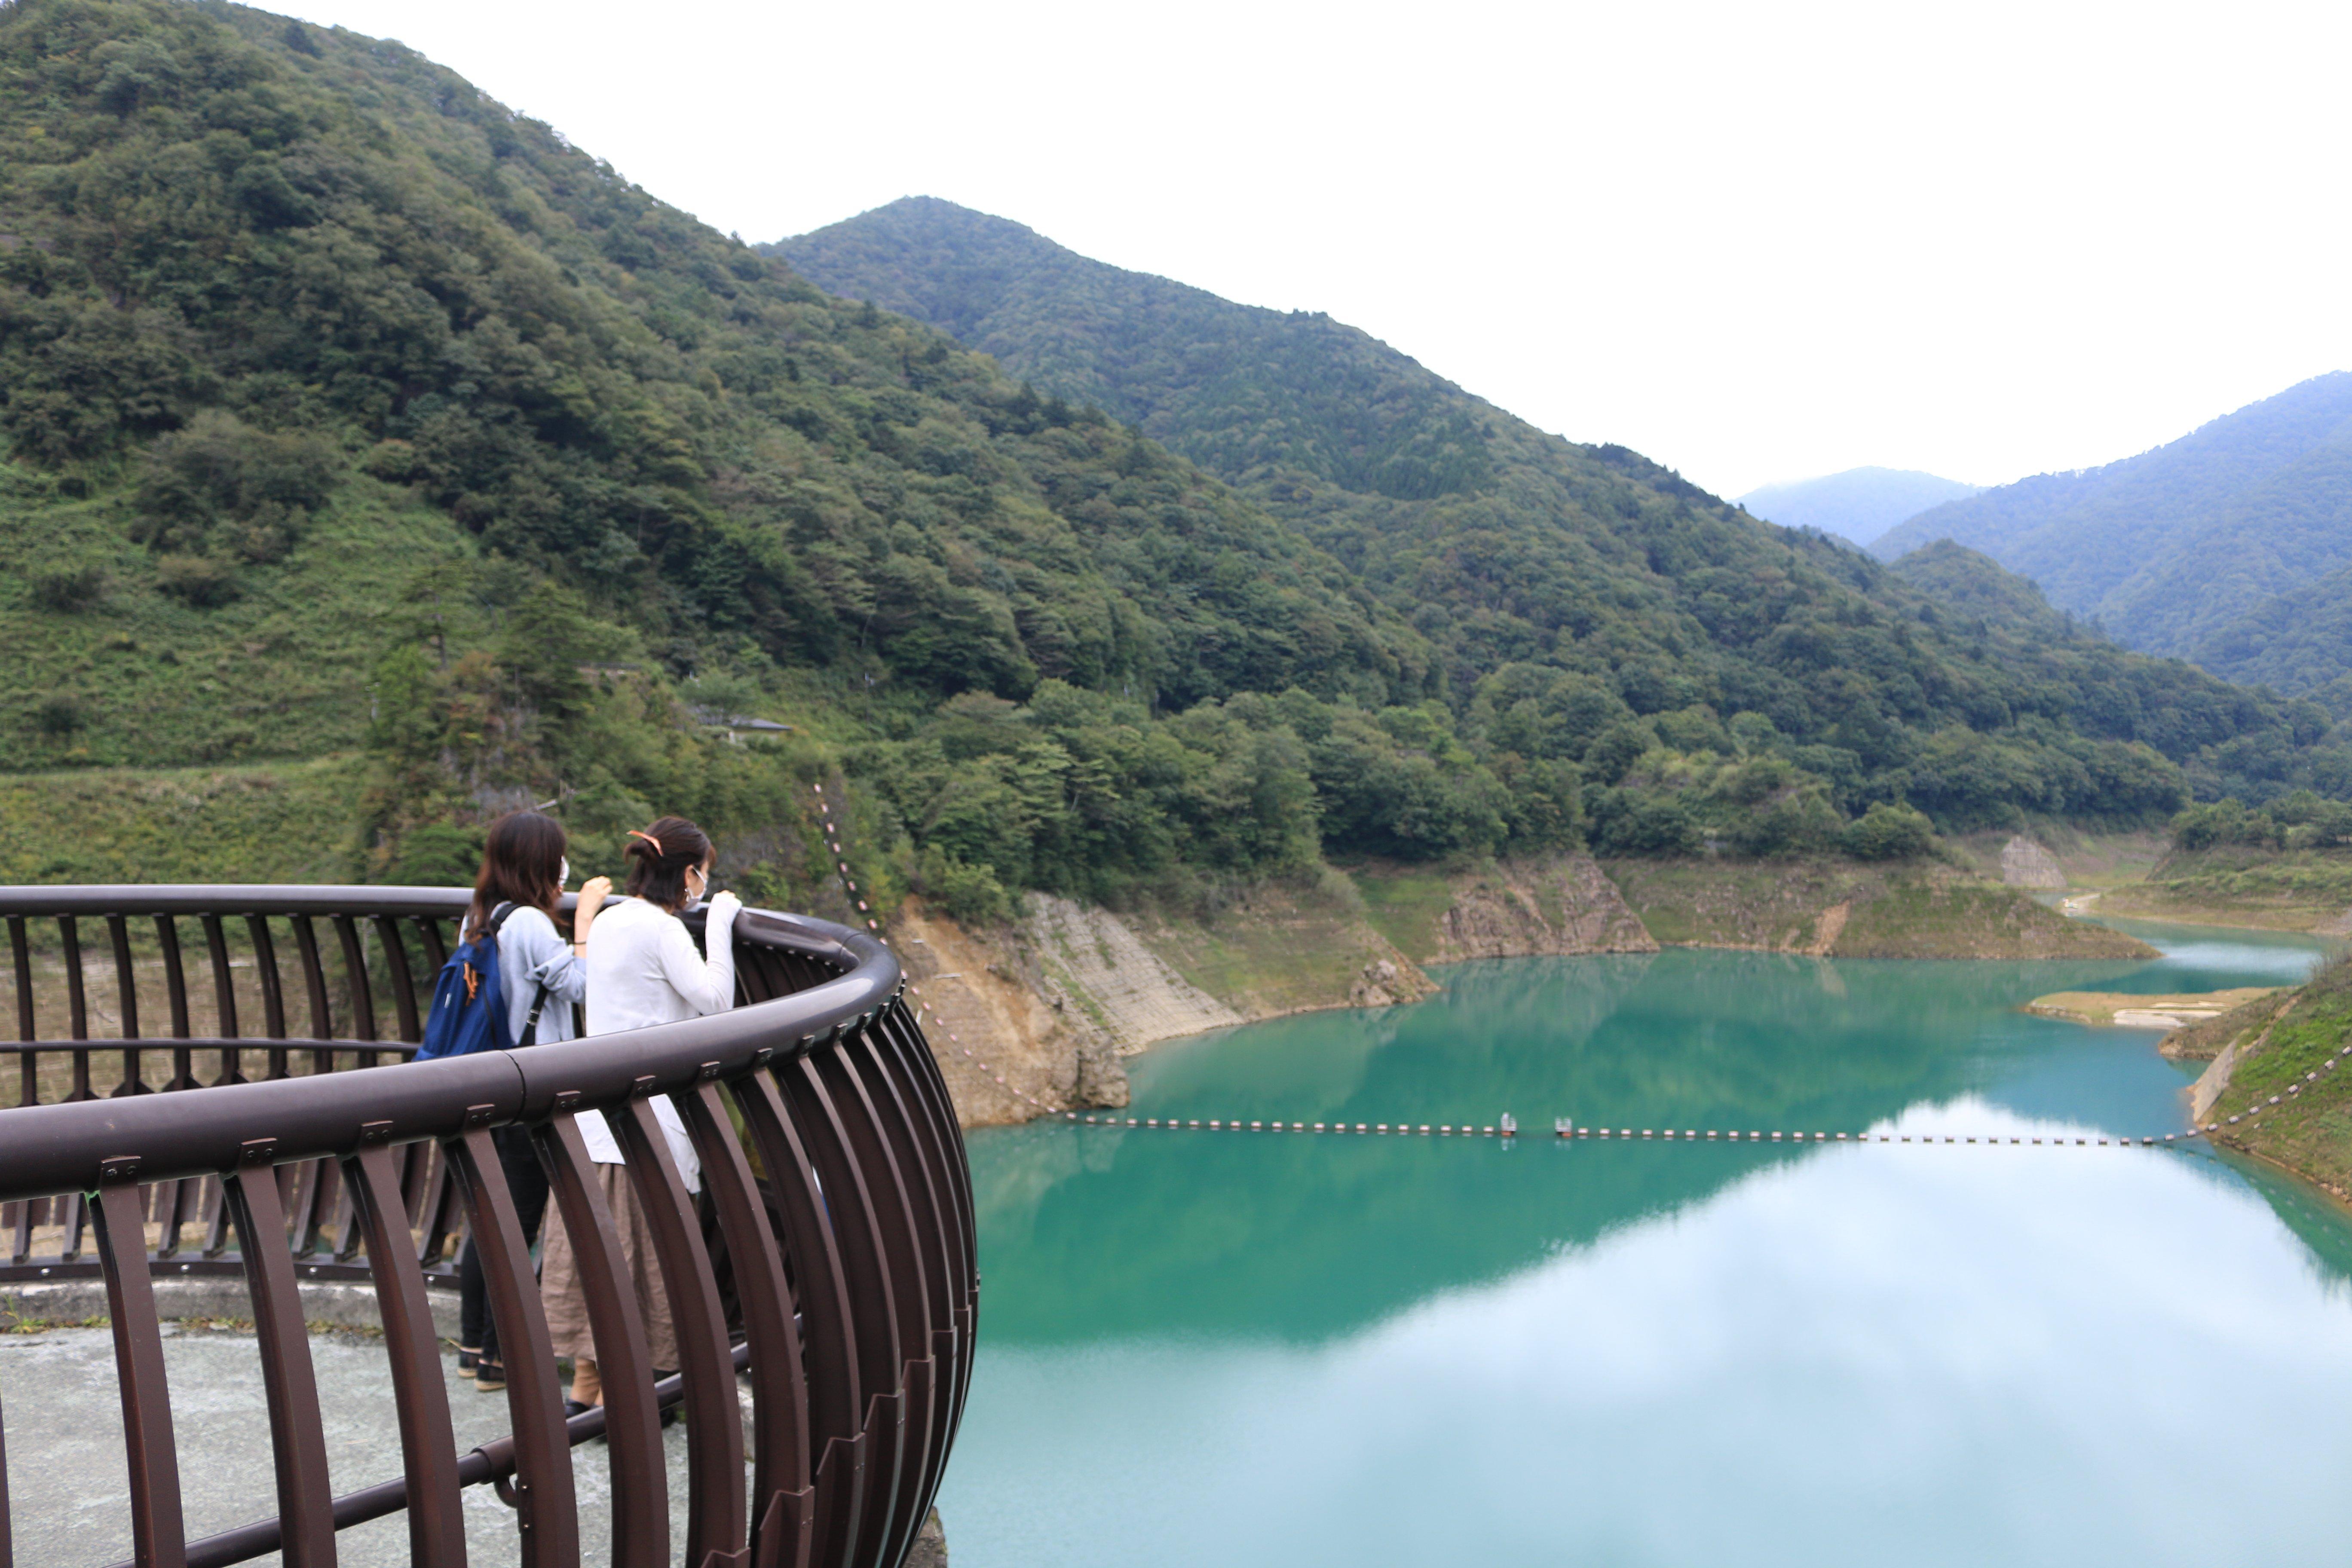 ボートやカヌーを楽しめる四万川ダムのダム湖は一周4.5㌔。途中に展望台も点在している